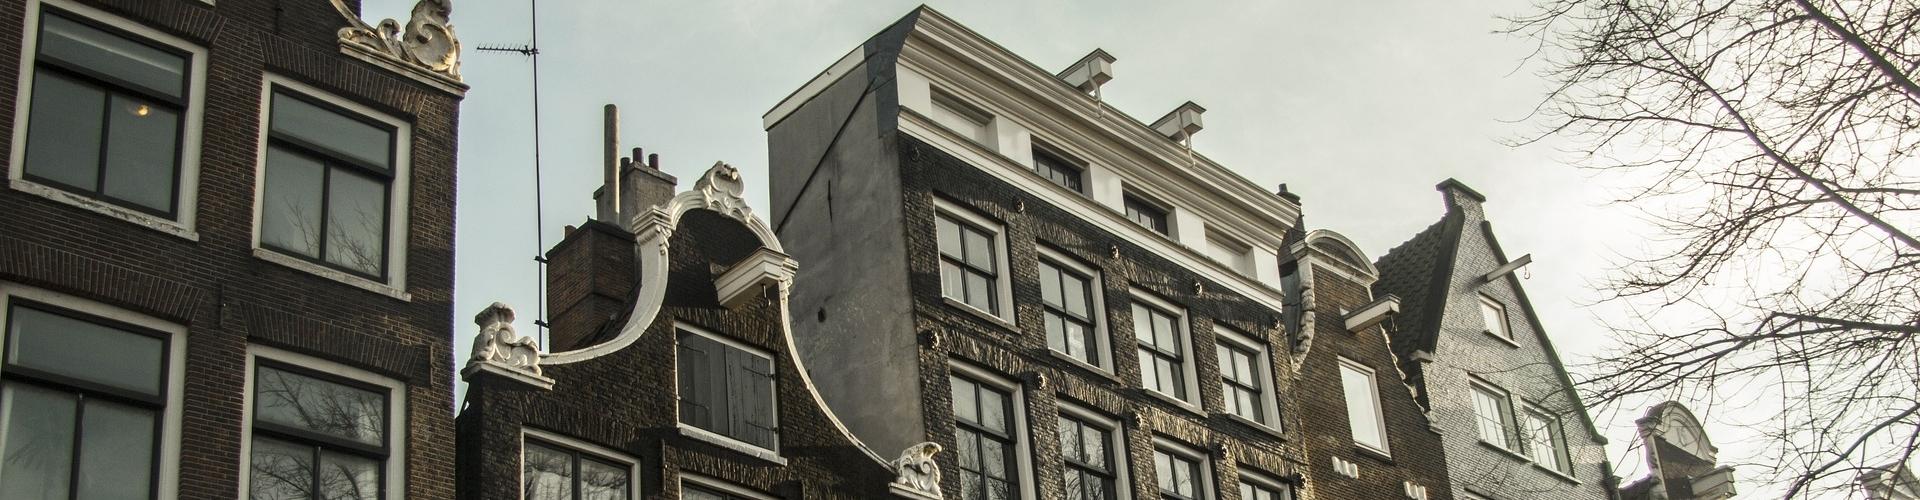 verhuurd-huis-verkopen-amsterdam